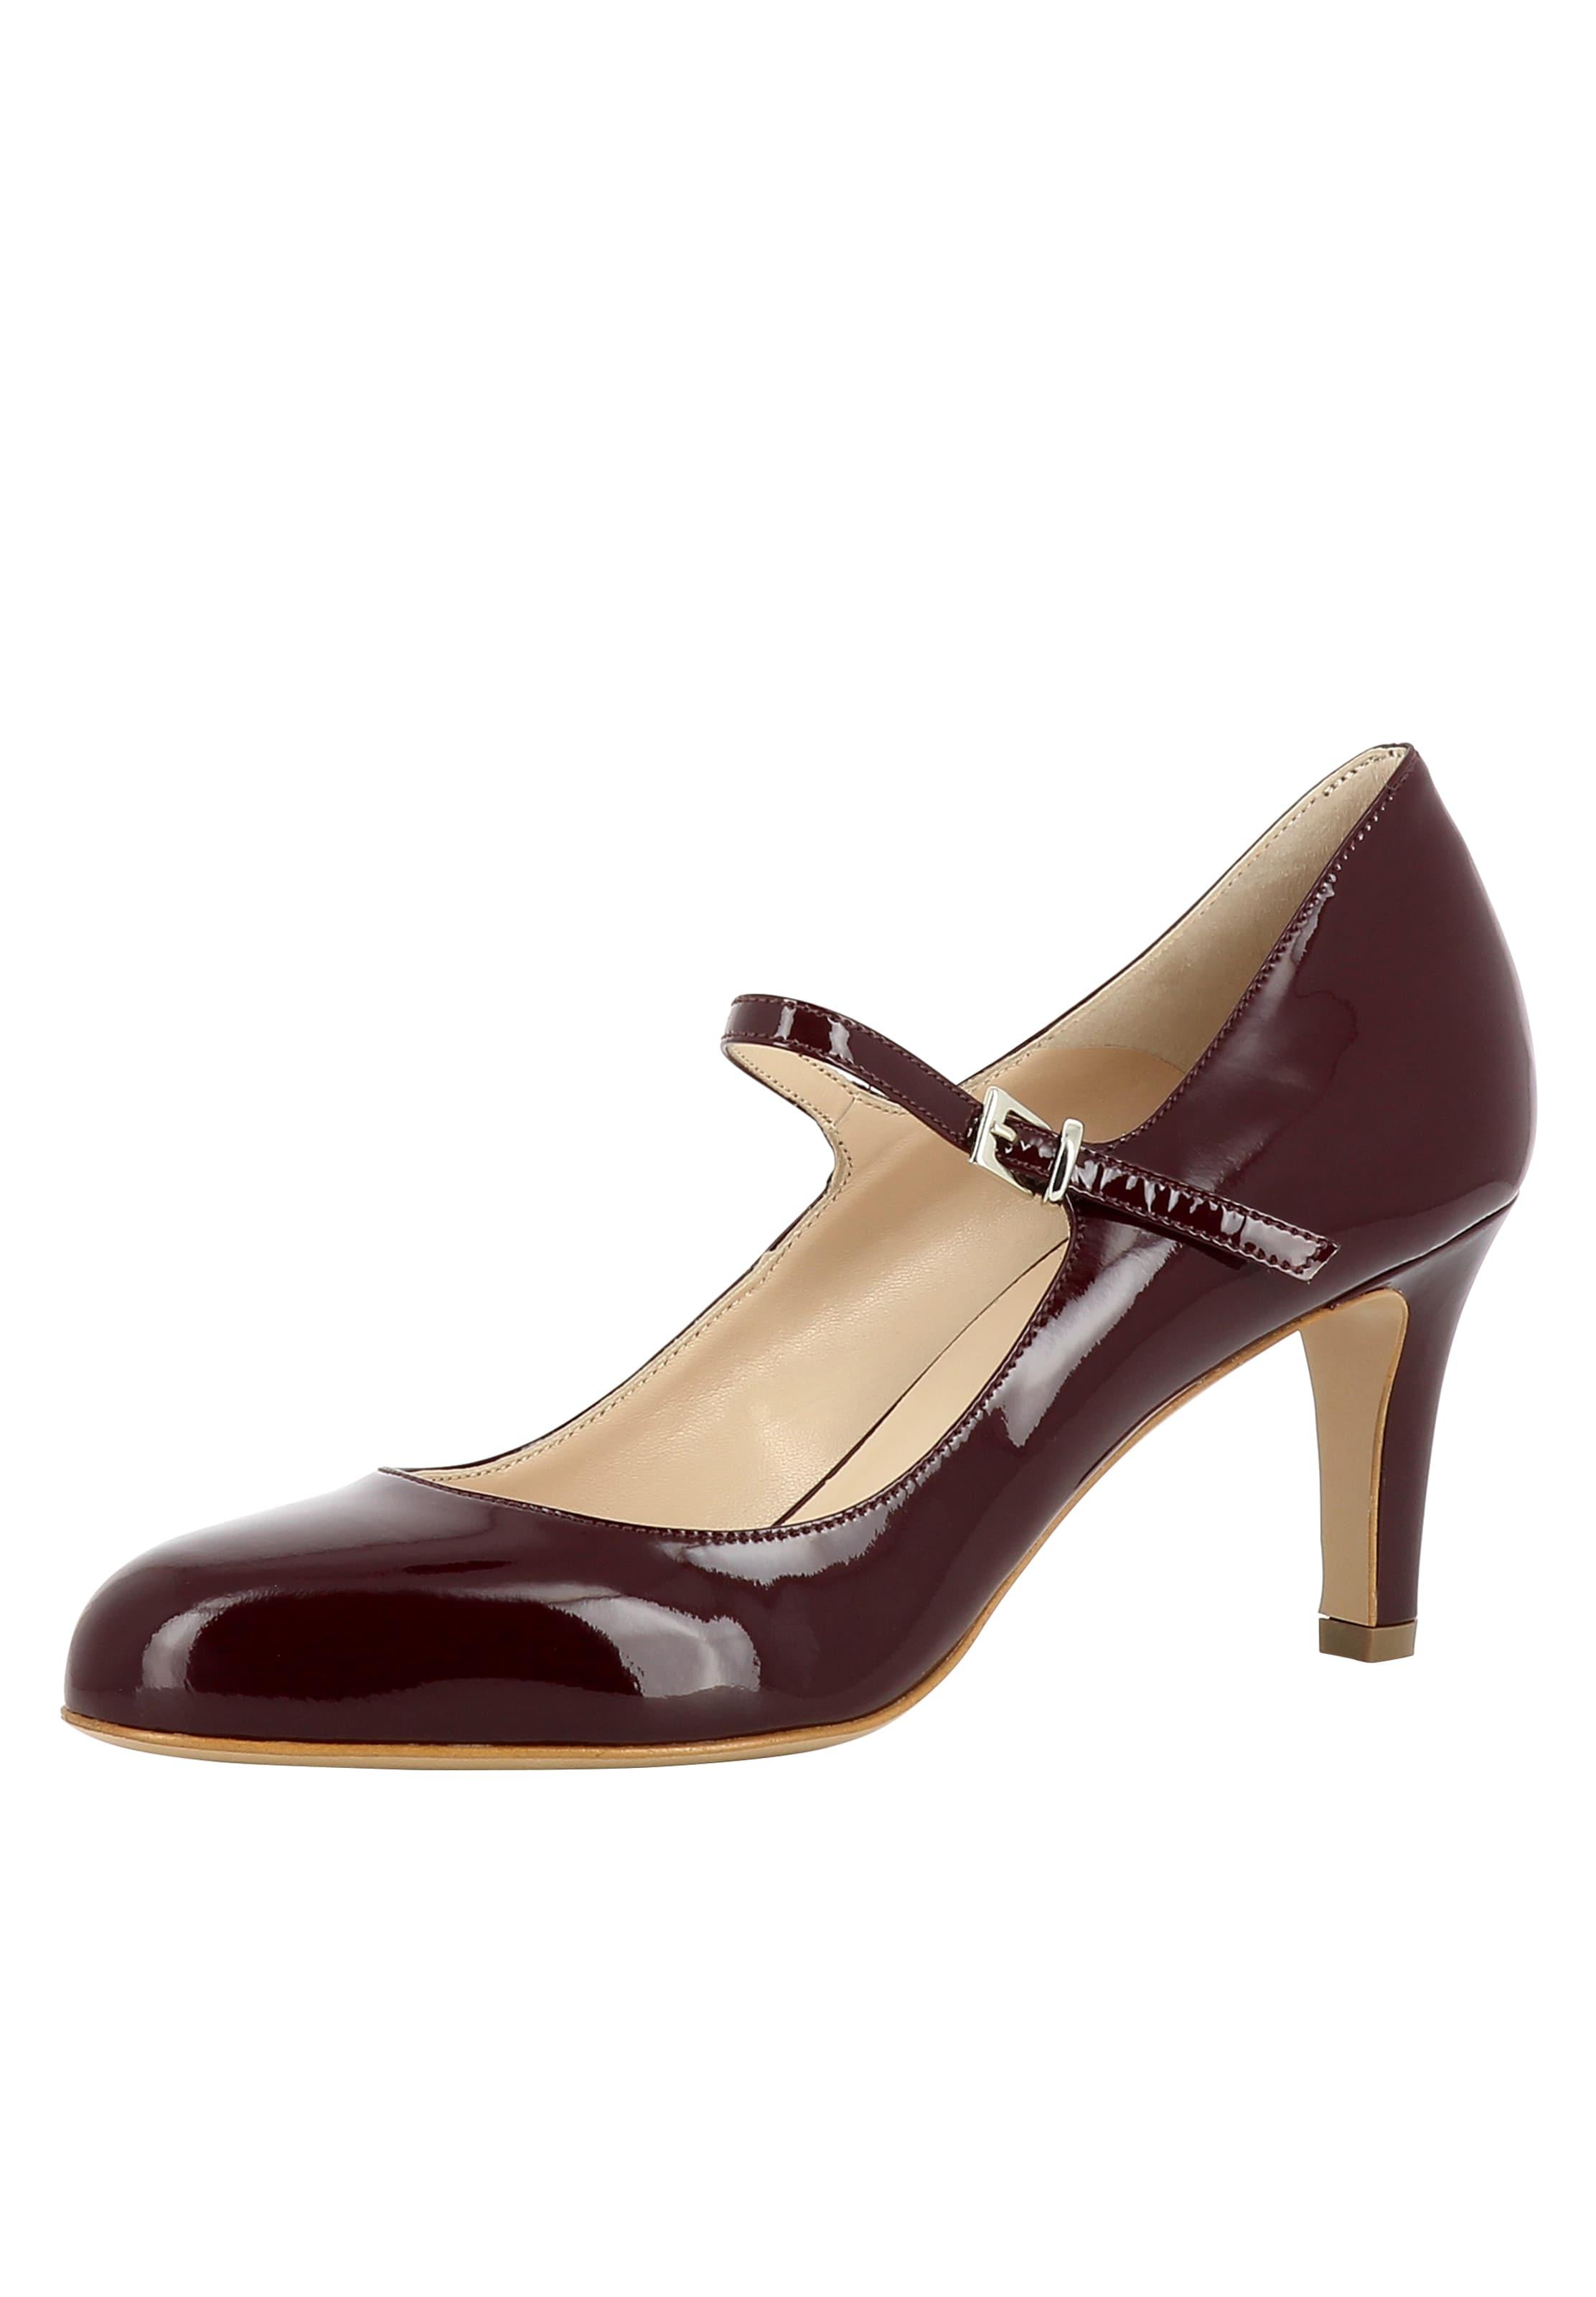 EVITA Damen Pumps BIANCA Verschleißfeste billige Schuhe